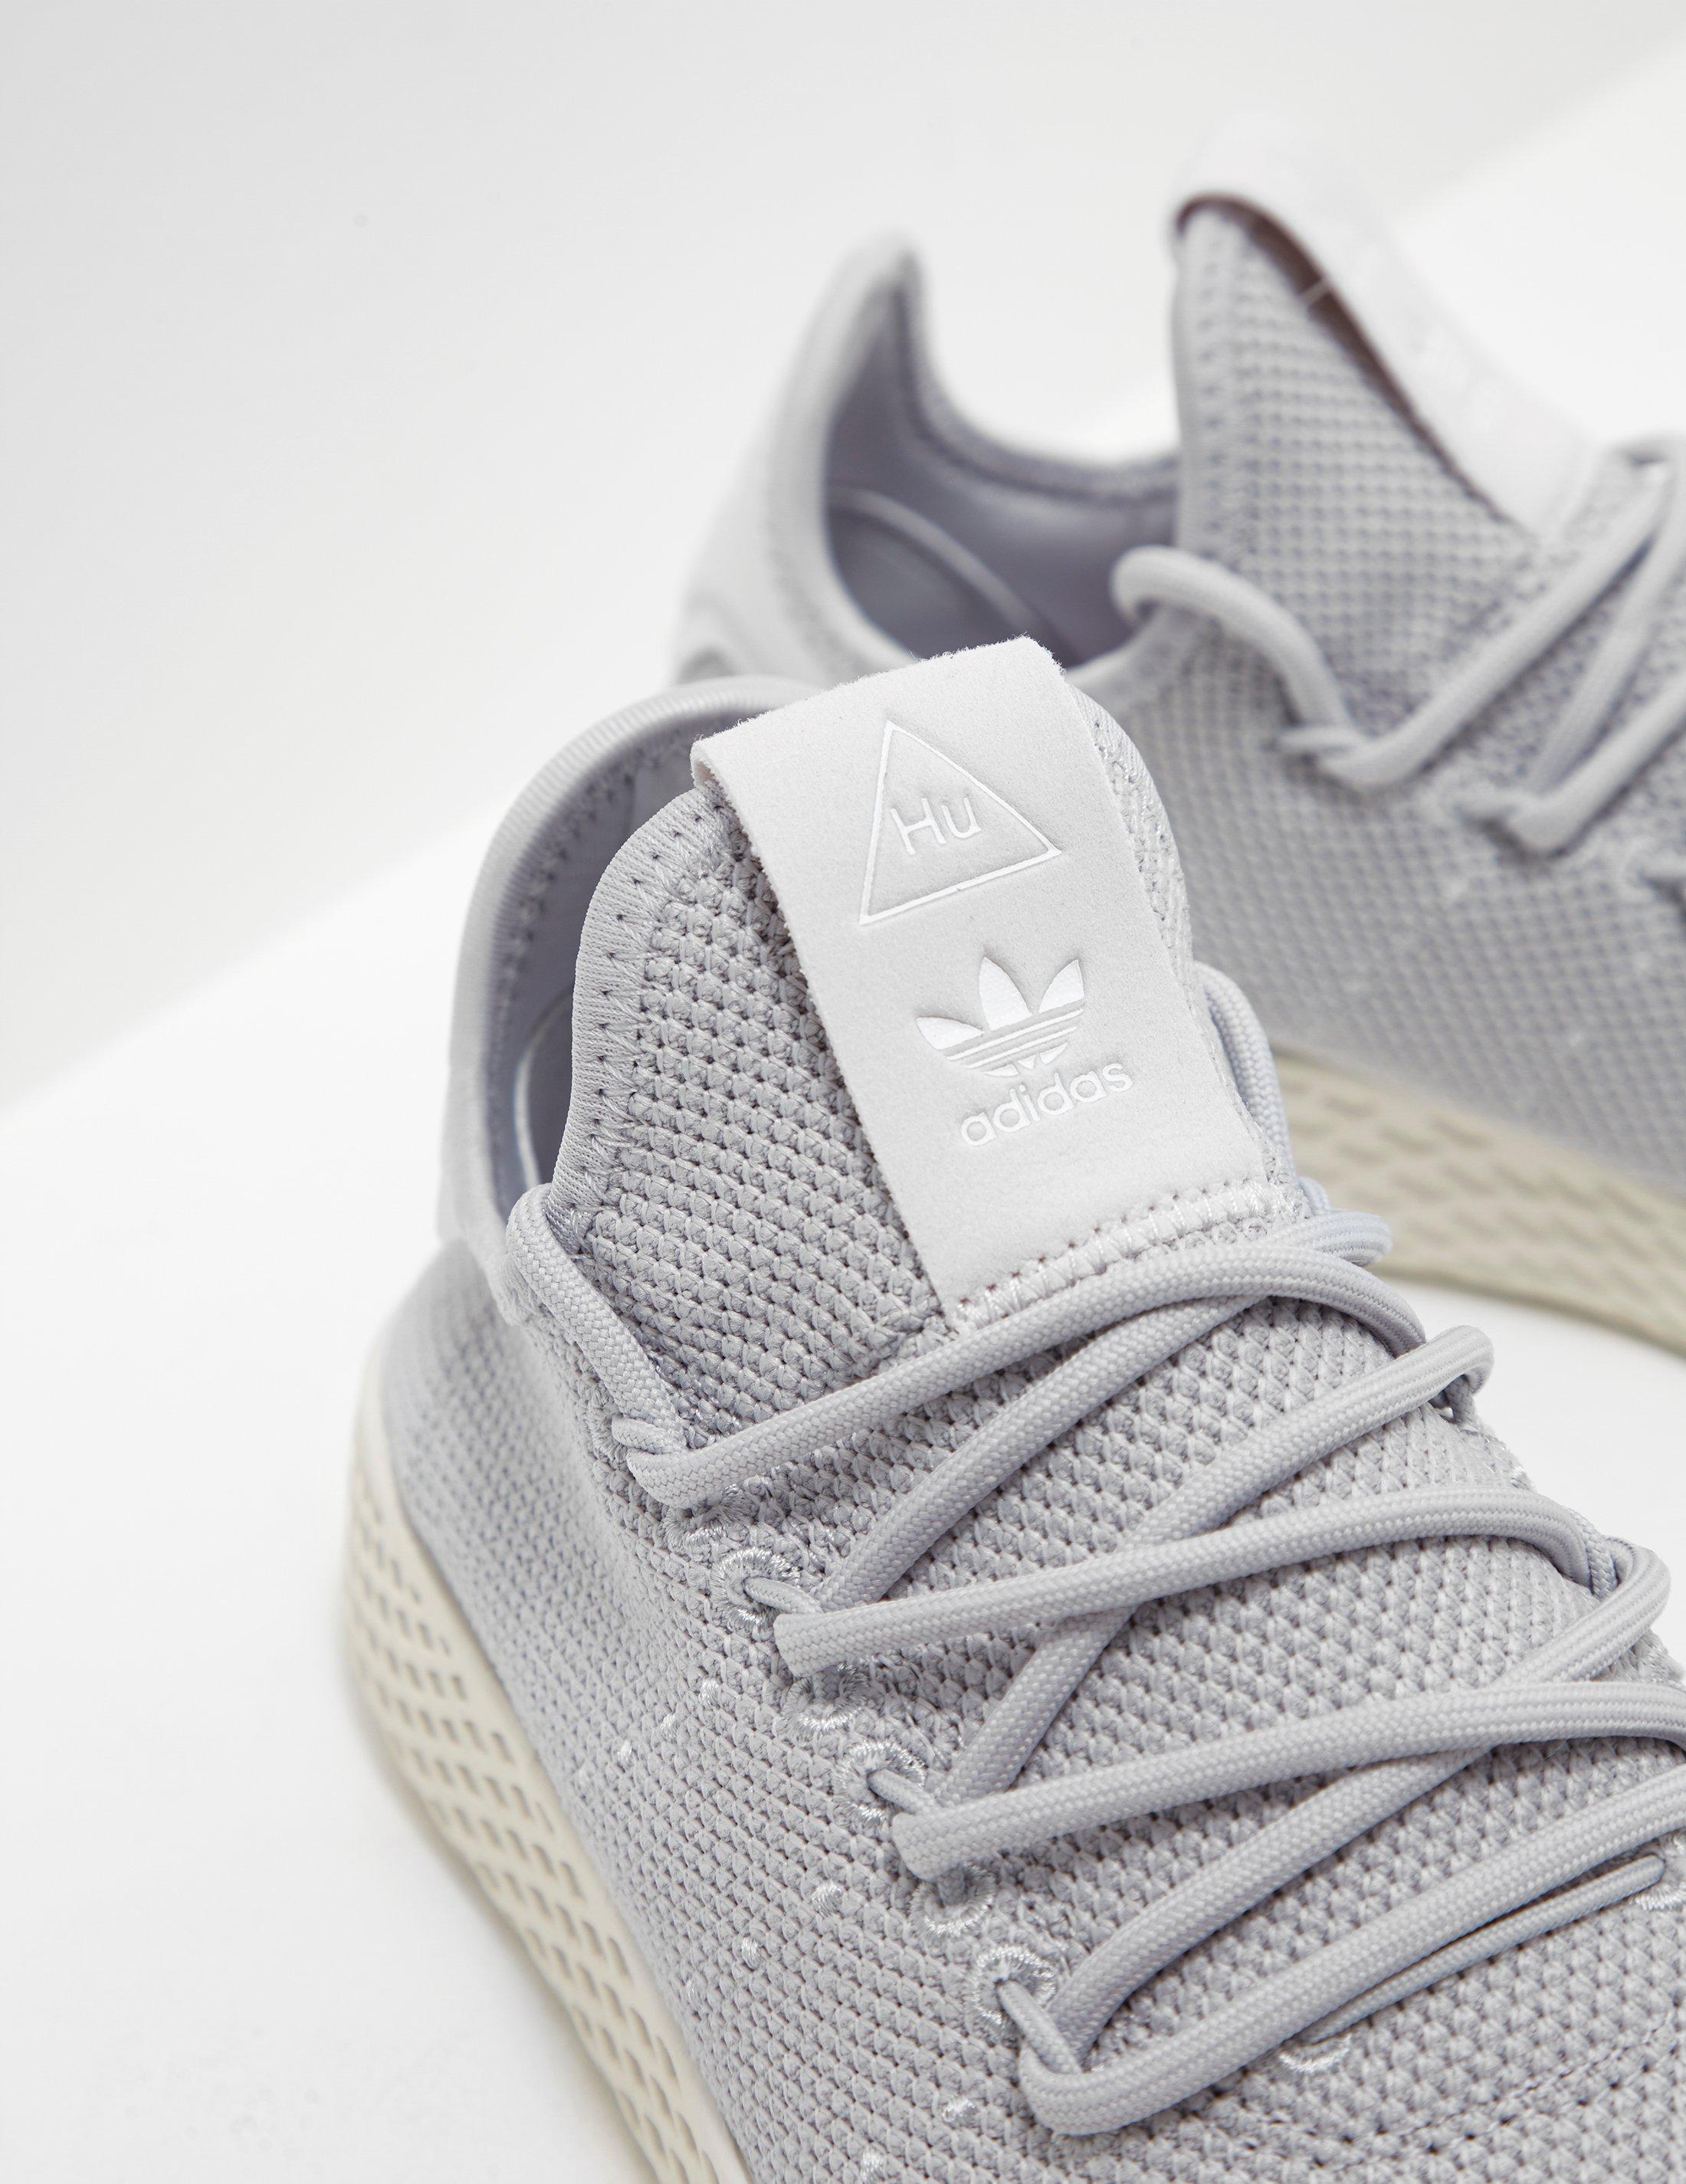 bdbb4c862fc Lyst - adidas Originals Womens Pharrell Williams Tennis Hu Trainers ...